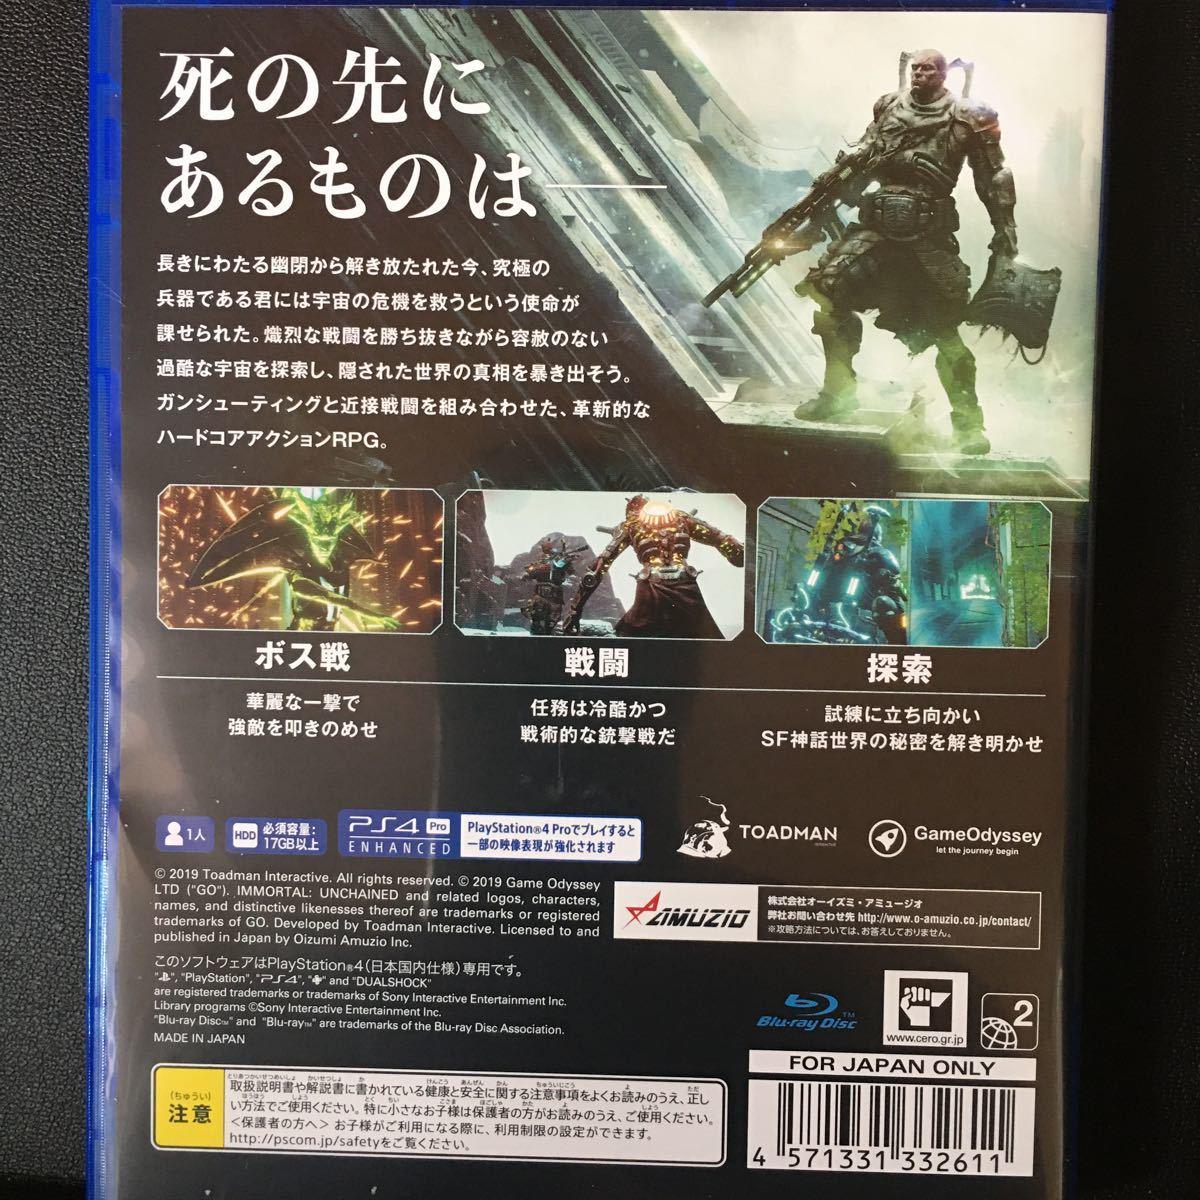 【PS4】 イモータル:アンチェインド